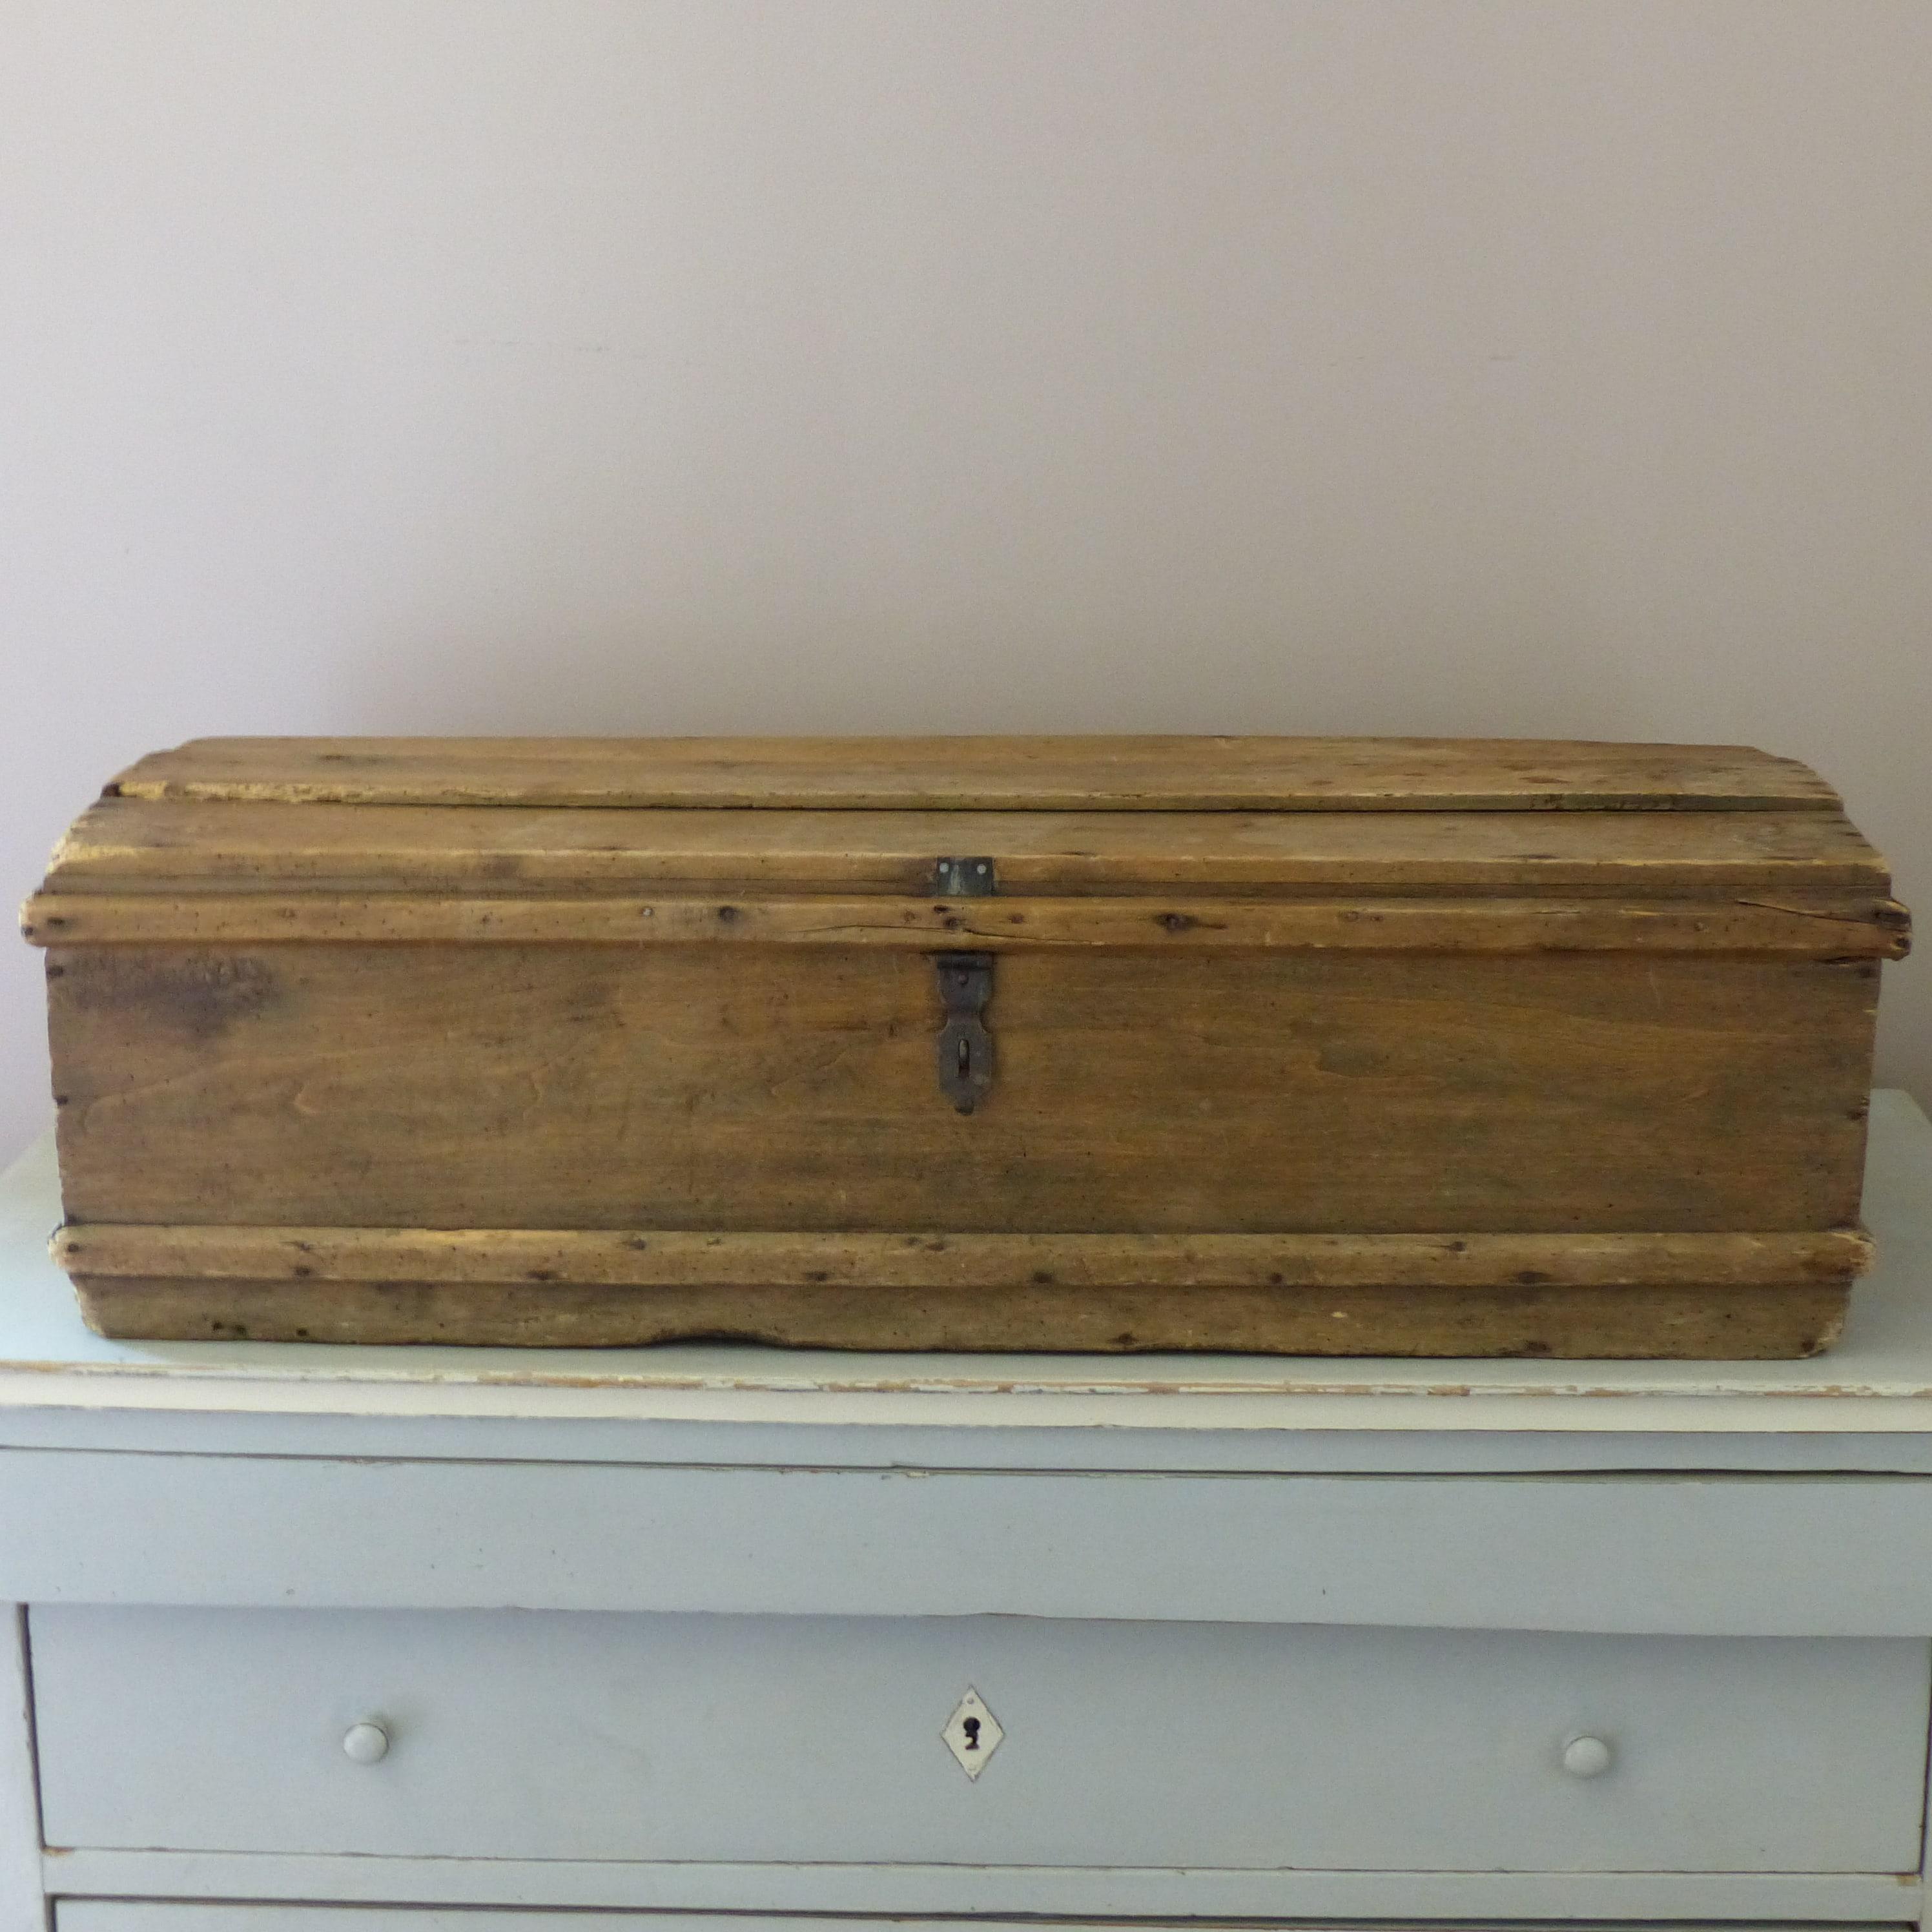 coffre de voyage ancien en bois lignedebrocante brocante en ligne chine pour vous meubles. Black Bedroom Furniture Sets. Home Design Ideas